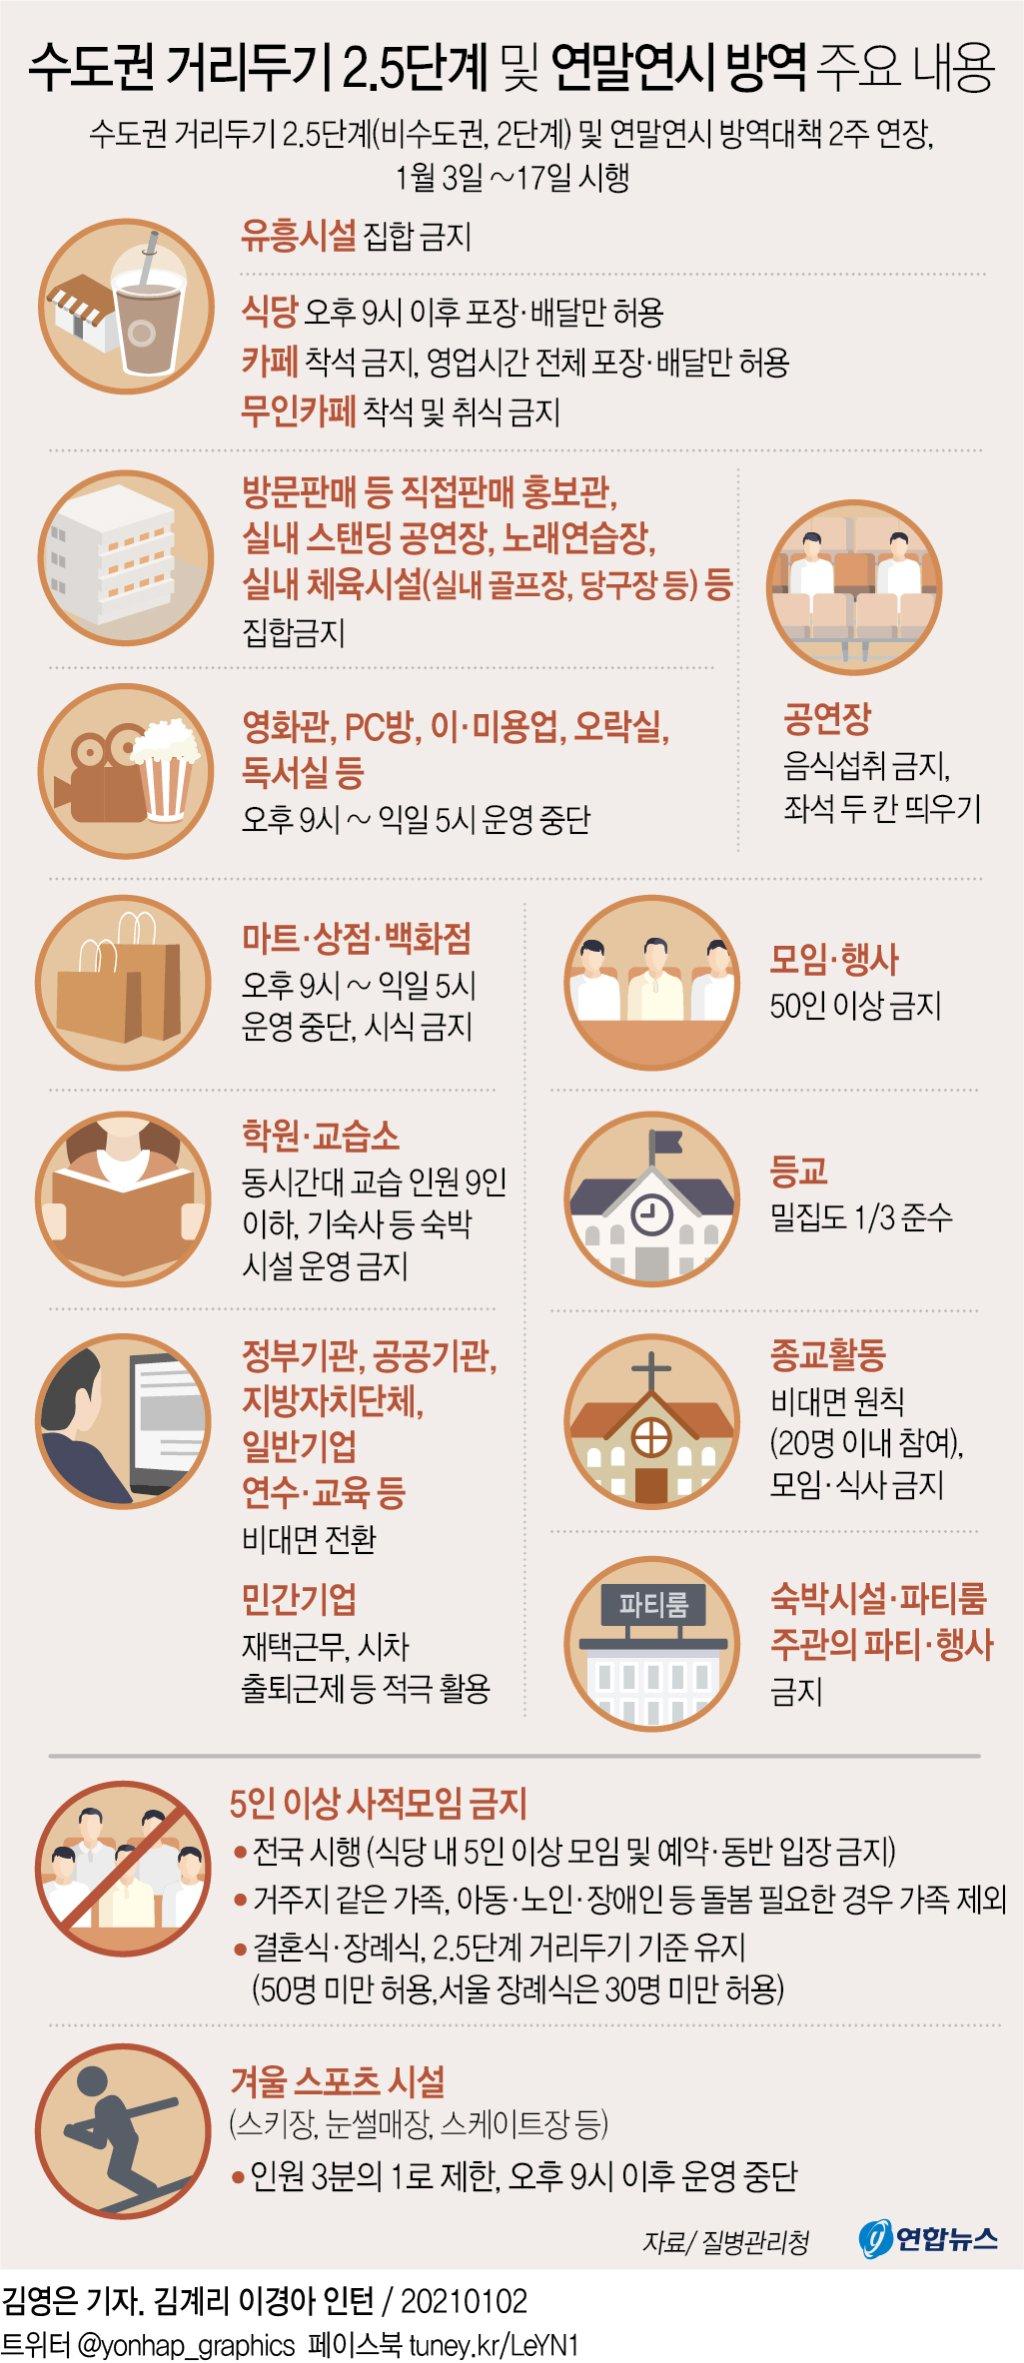 [그래픽] 수도권 거리두기 2.5단계 및 연말연시 방역 주요 내용